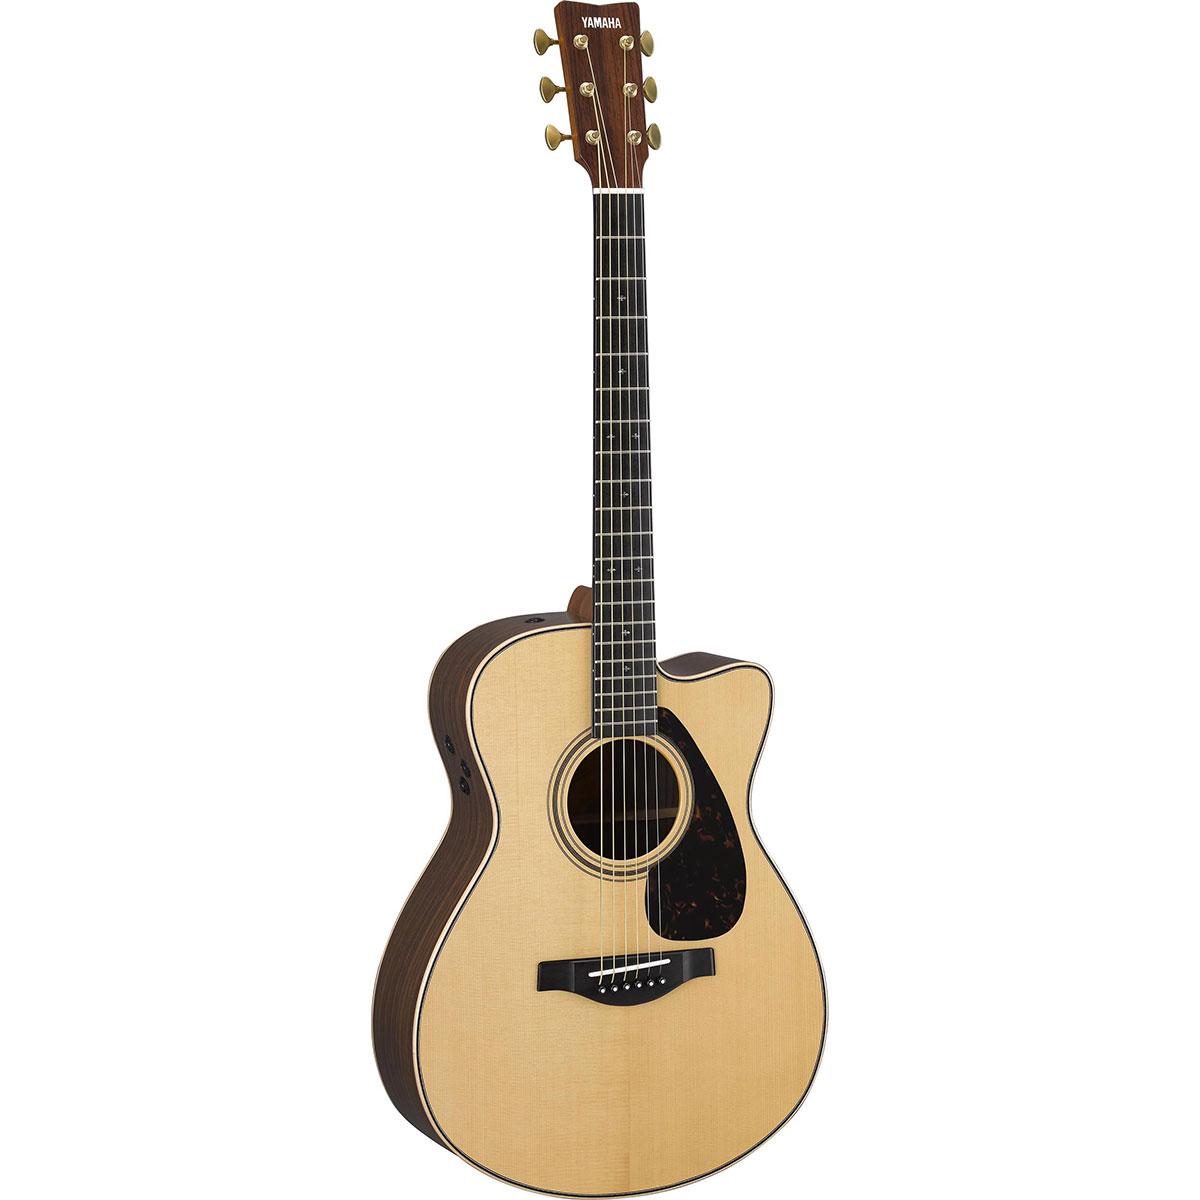 【受注生産】YAMAHA エレアコギター LSX26C ARE / Natural